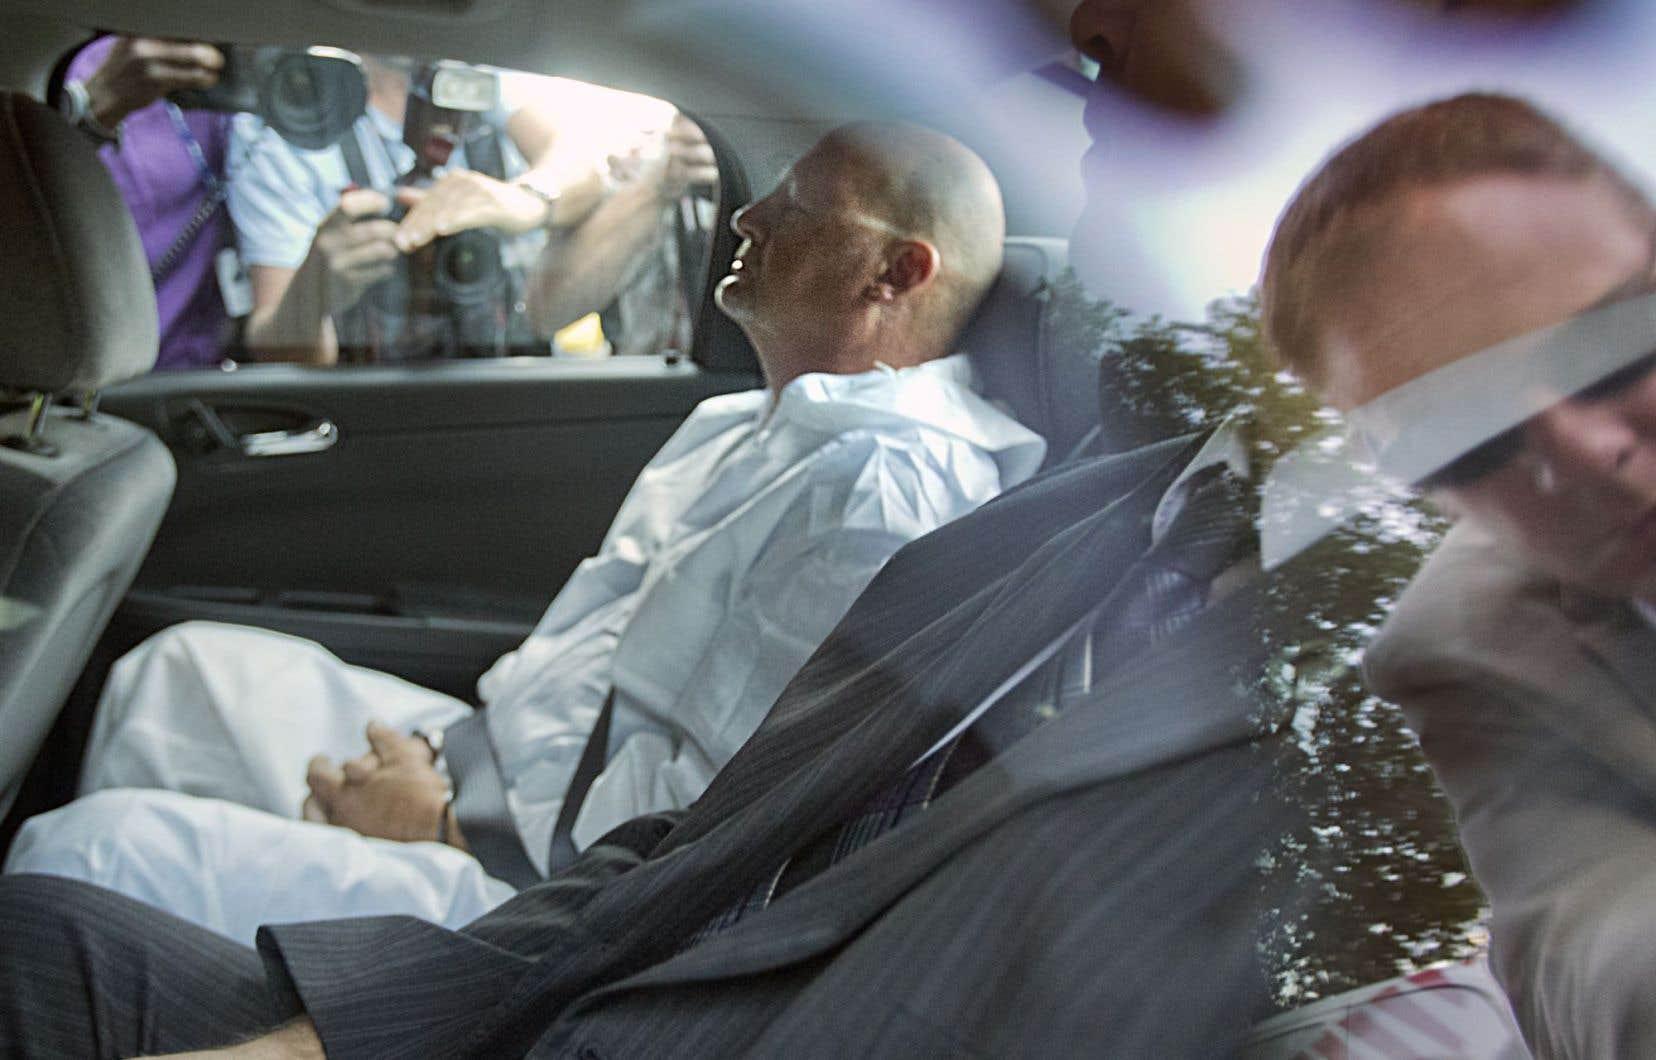 Richard Henry Bain était accusé de meurtre prémédité et de trois chefs de tentative de meurtre.